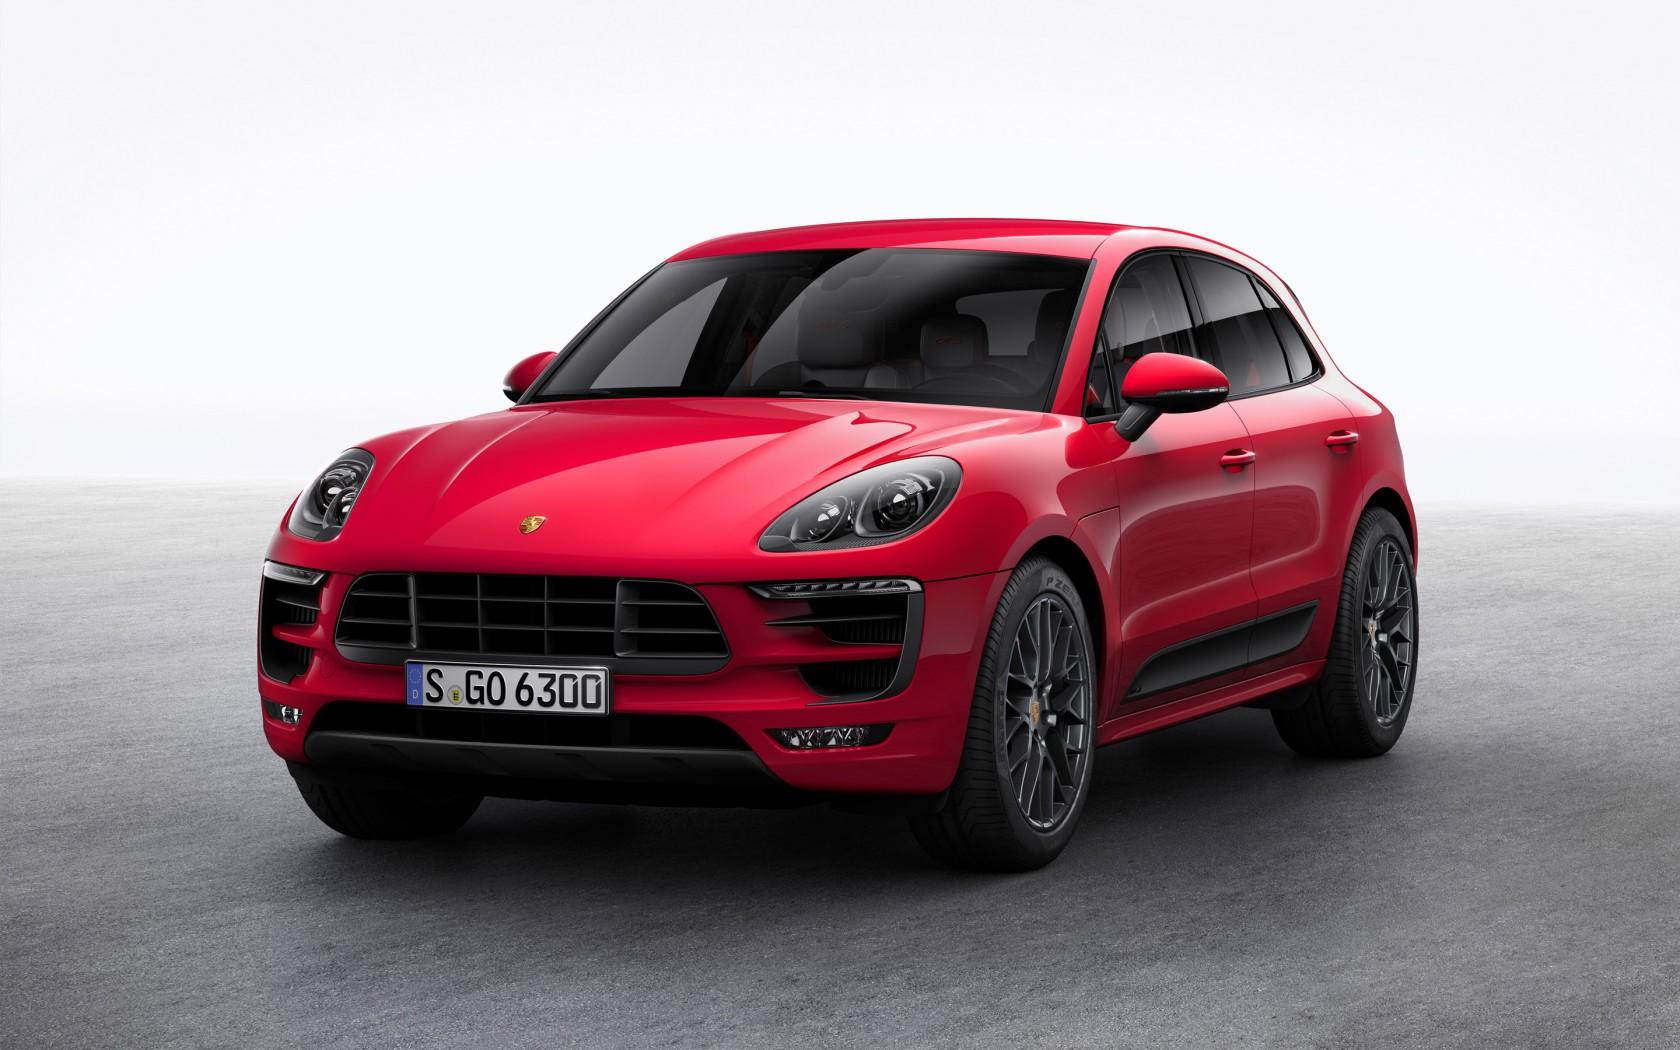 Porsche Macan S 2014 Wallpapers: 2017 Porsche Macan GTS Wallpaper